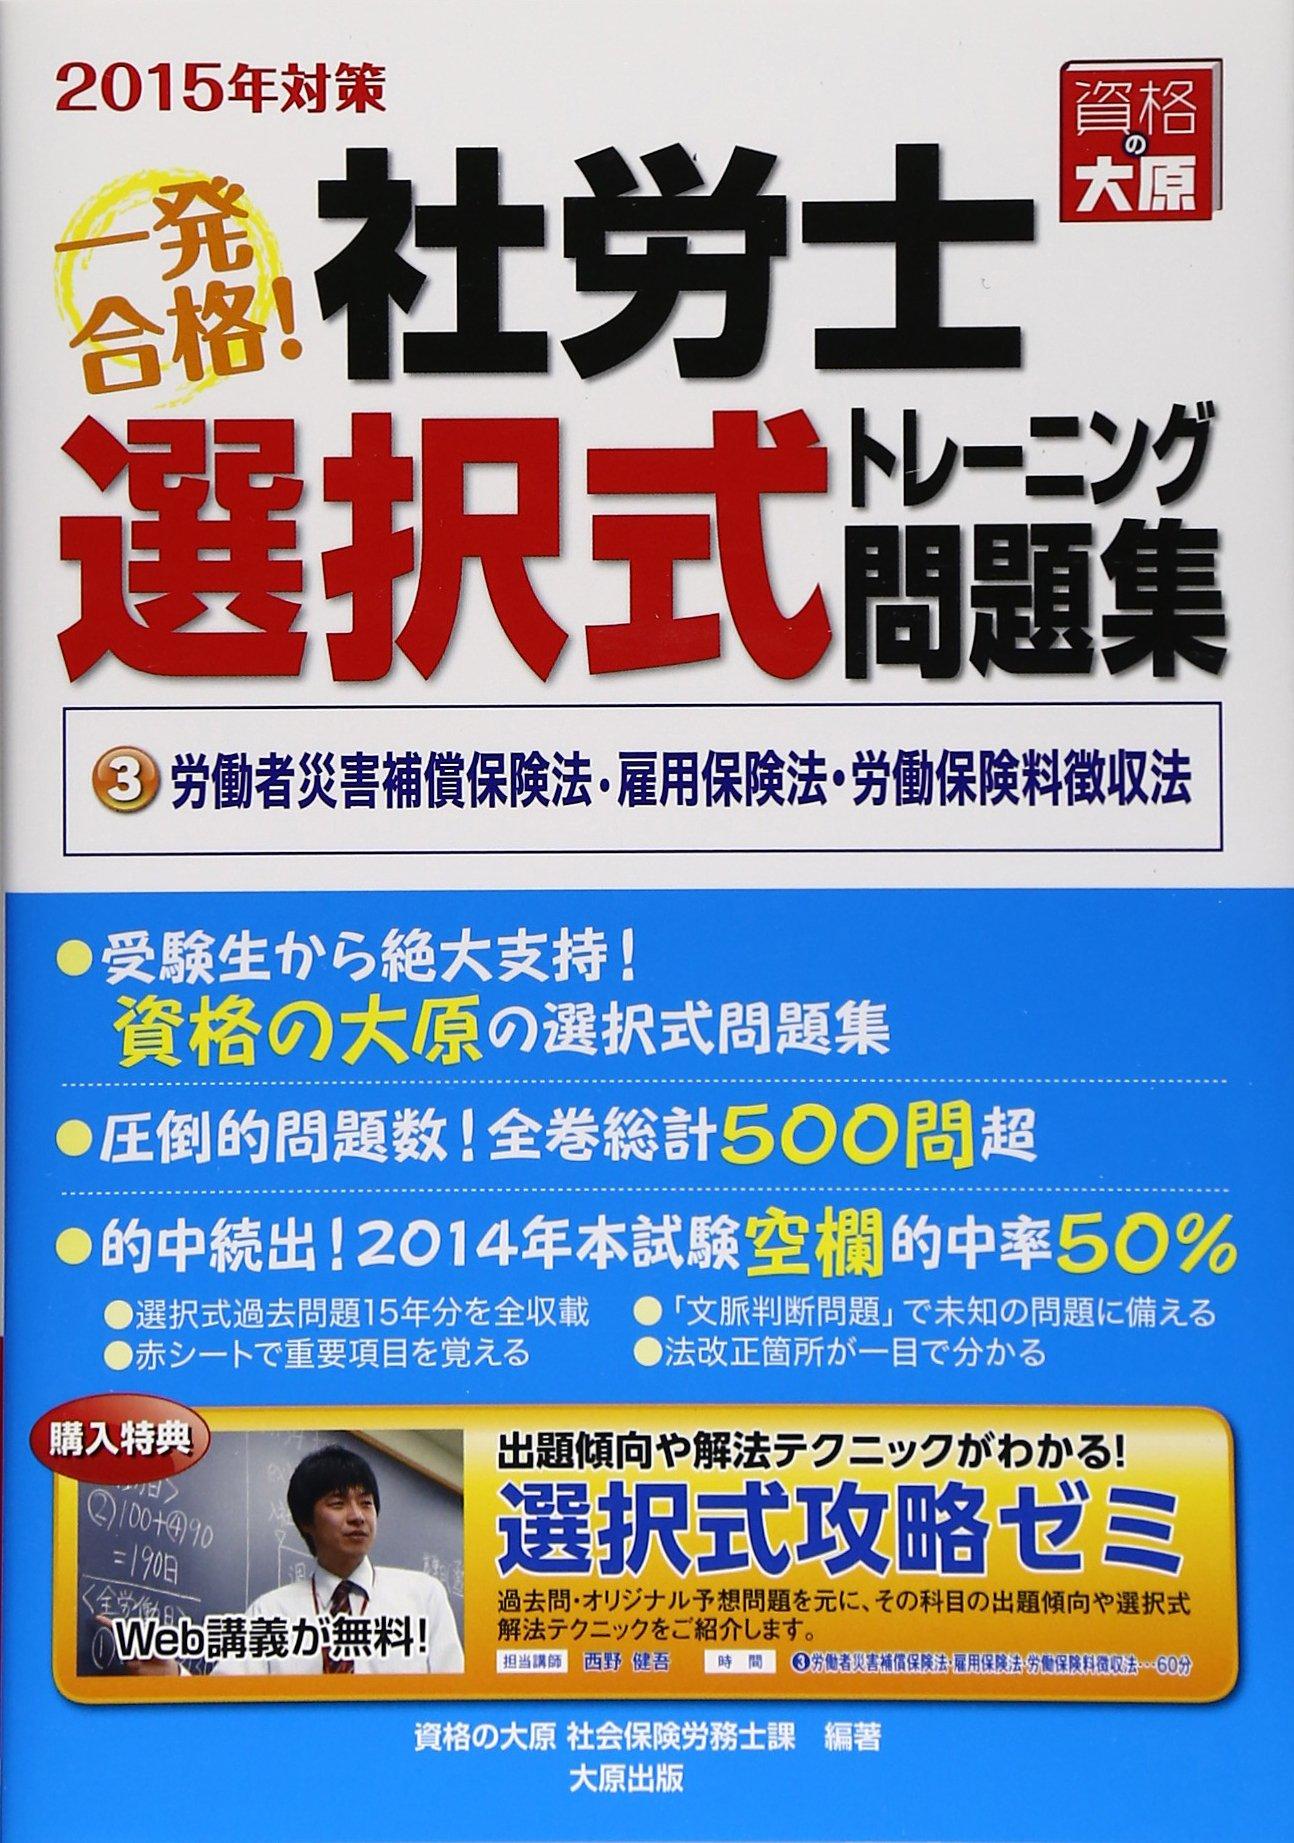 Download Ippatsu gokaku sharoshi sentakushiki toreningu mondaishu. 2015-3 (Rodosha saigai hosho hokenho koyo hokenho rodo hokenryo choshuho). ebook